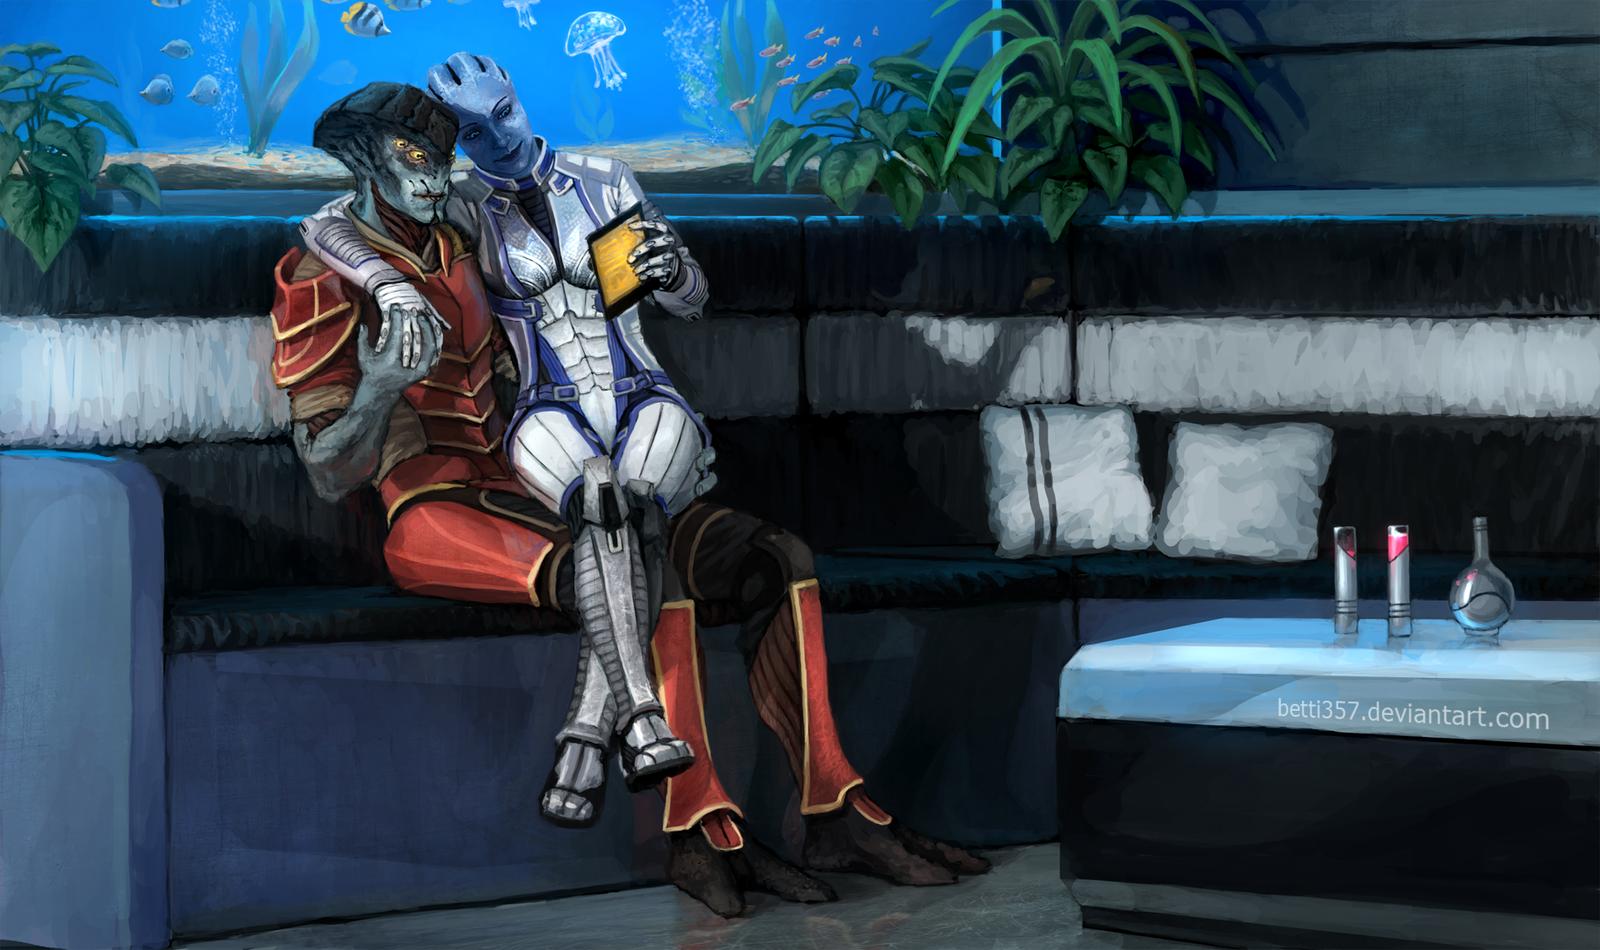 Mass Effect -  Javik and Liara by betti357